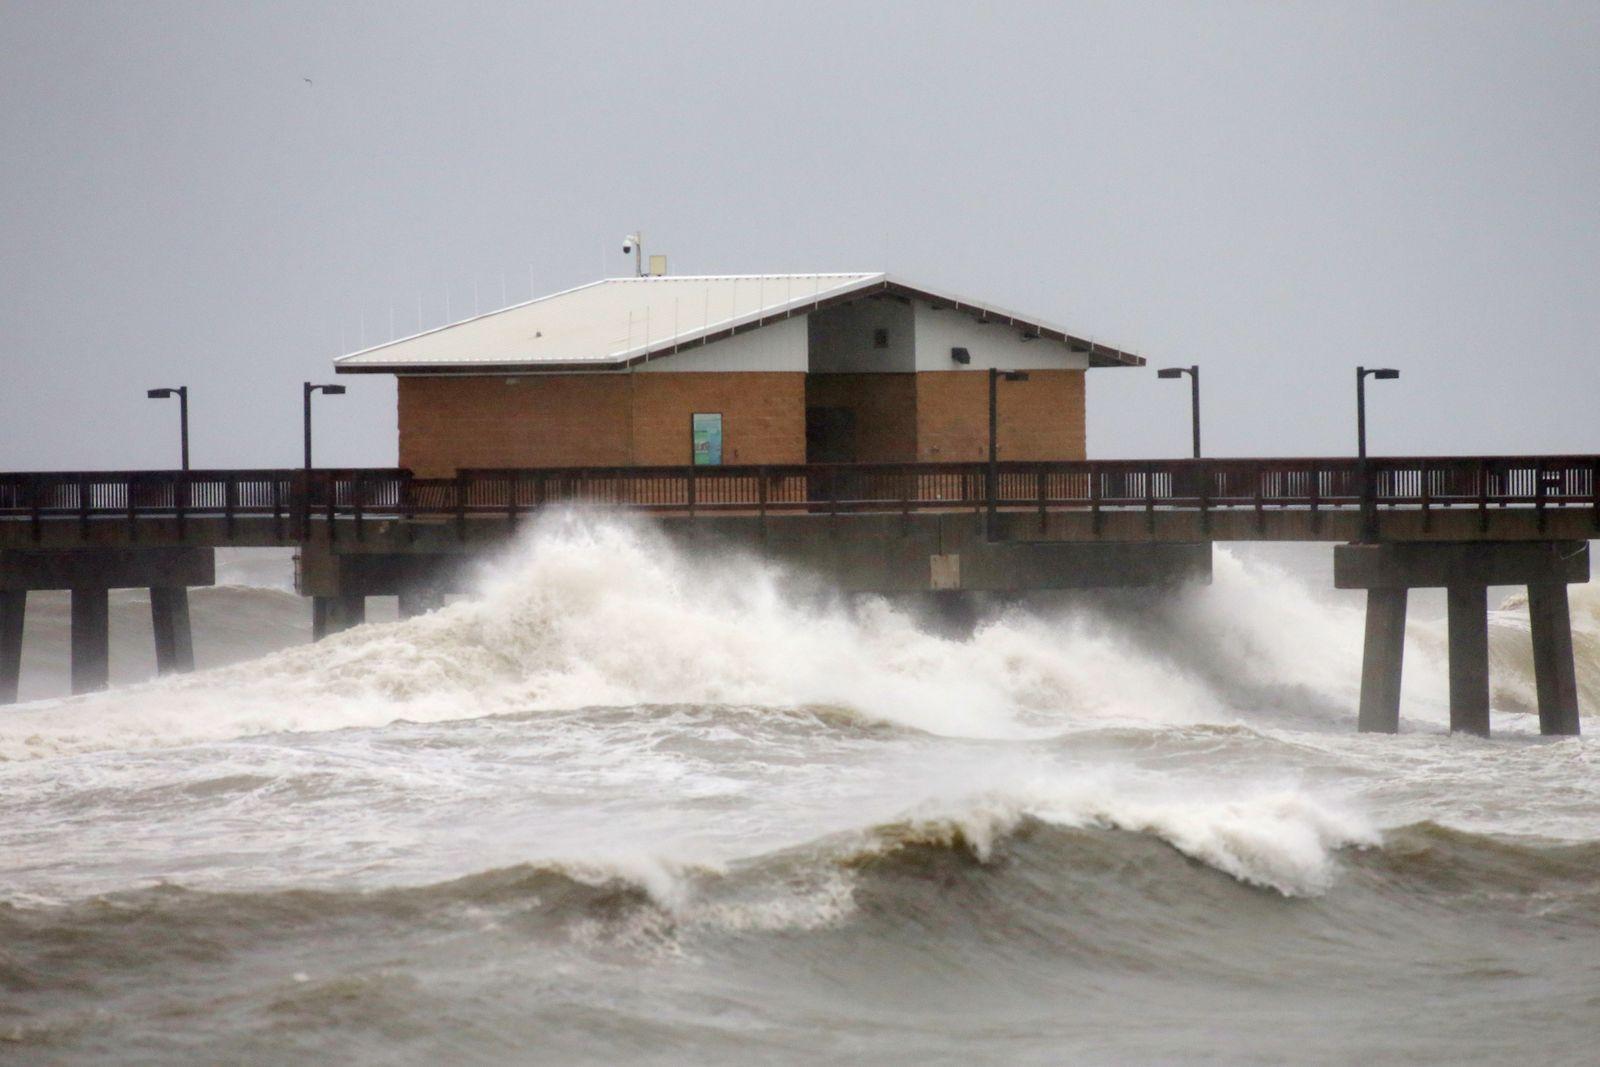 Waves crash along a pier as Hurricane Sally approaches in Gulf Shores